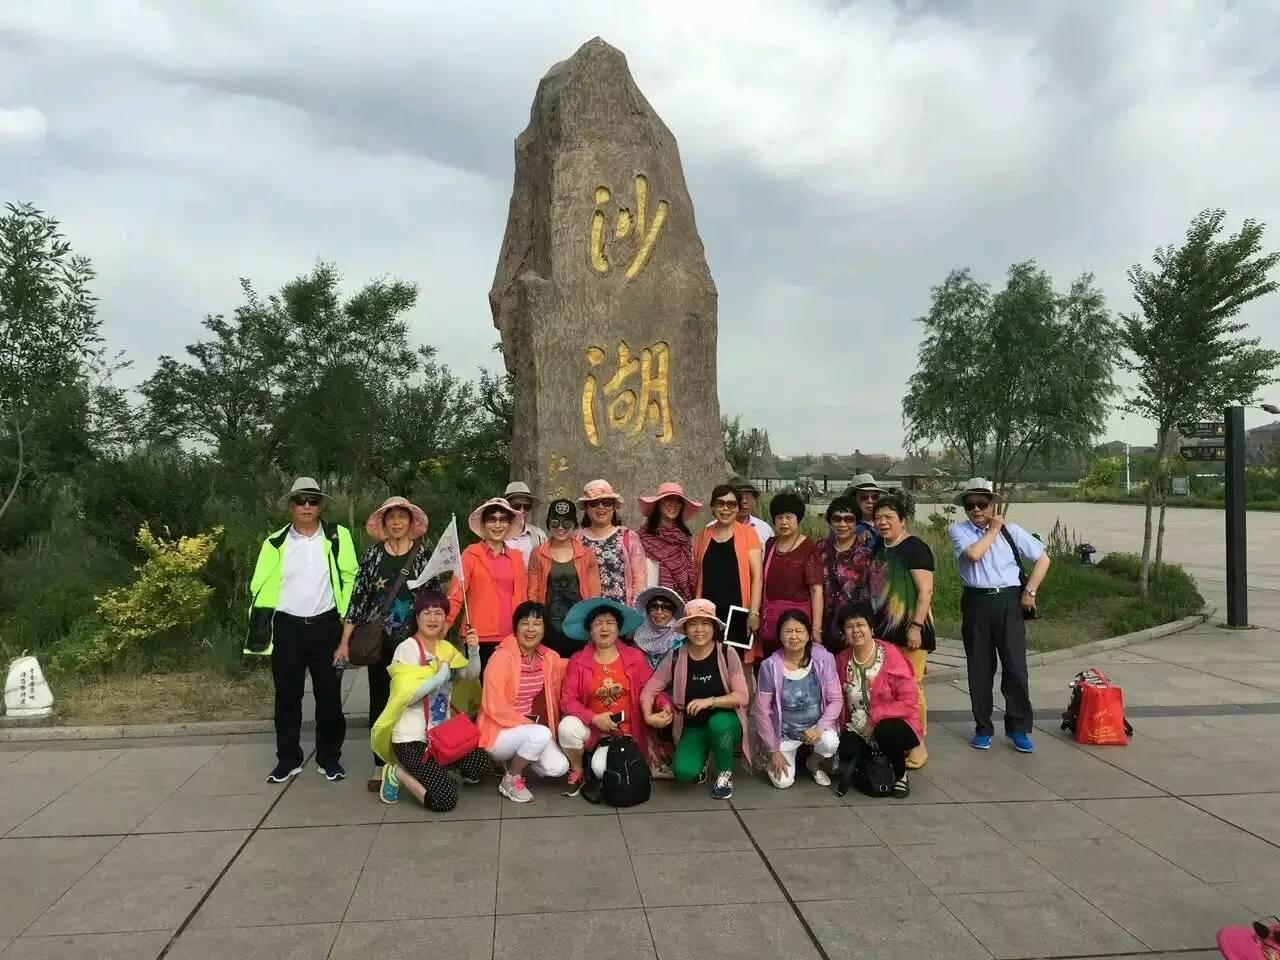 银川旅游包车推荐沙湖-岩画-影城-西夏王陵一日游包车电话